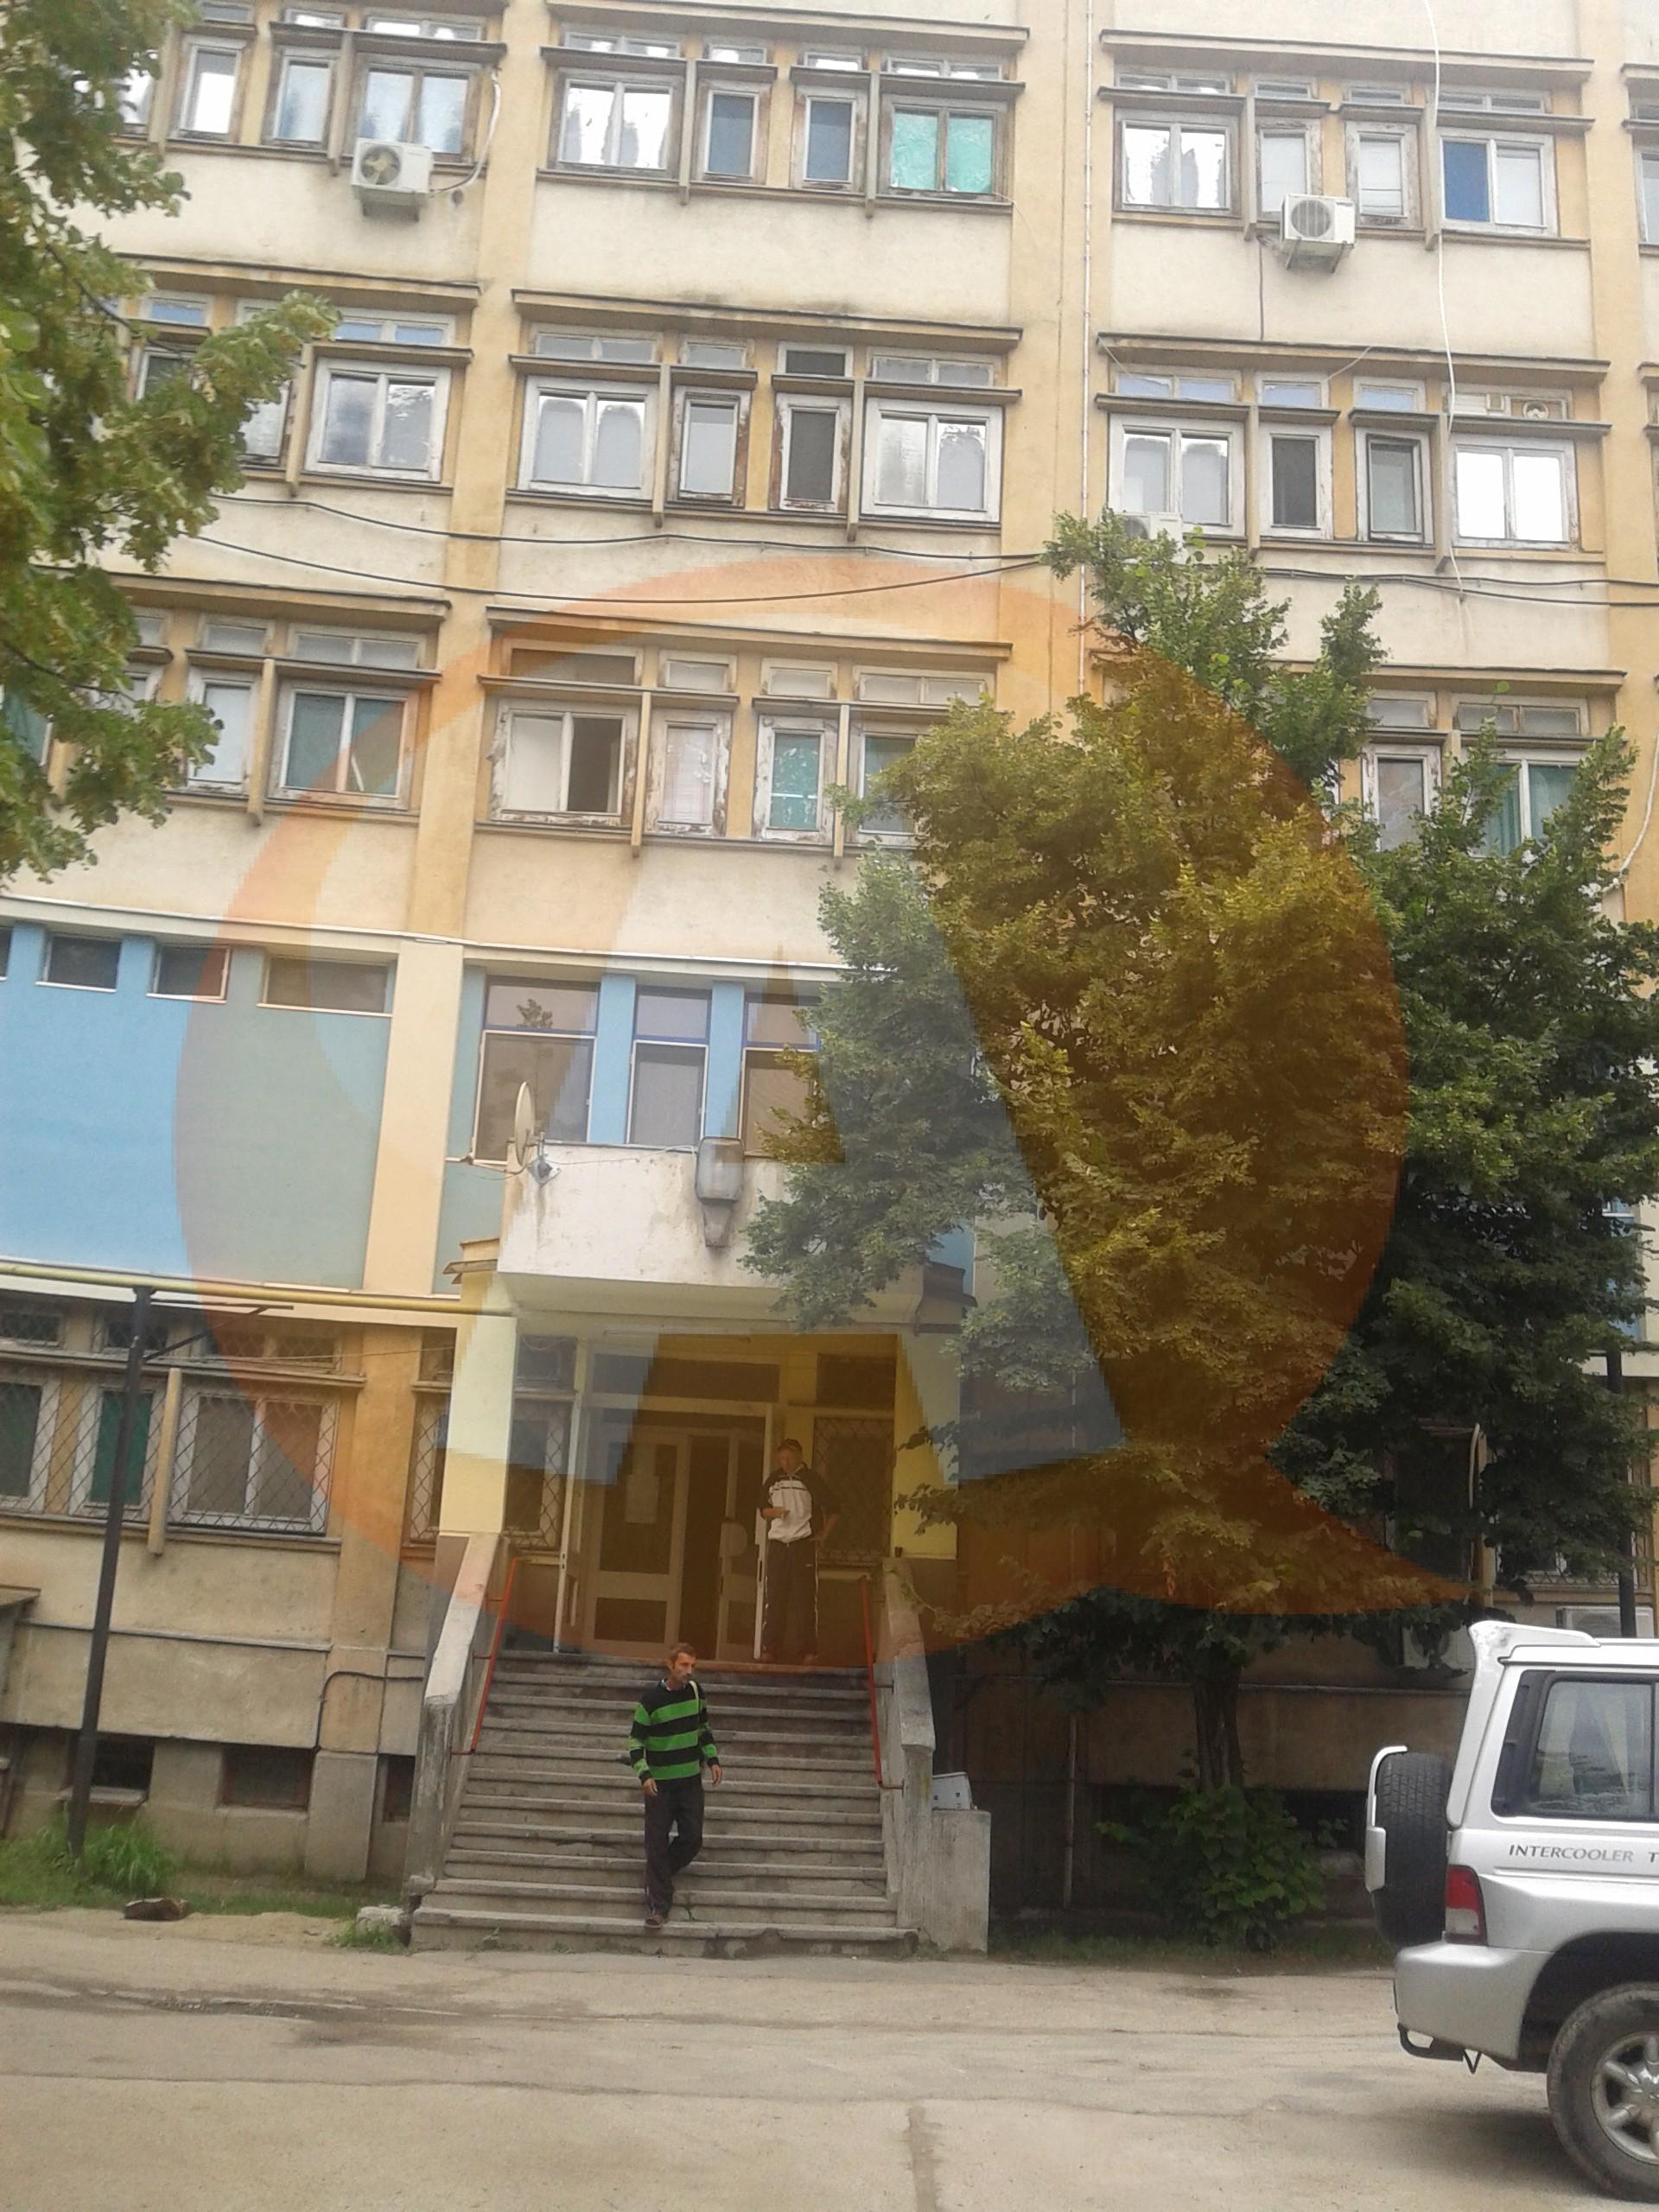 O tânără mămă a murit, Ministrul Bănicioiu promite anchete, nu şi un sistem care să funcţioneze